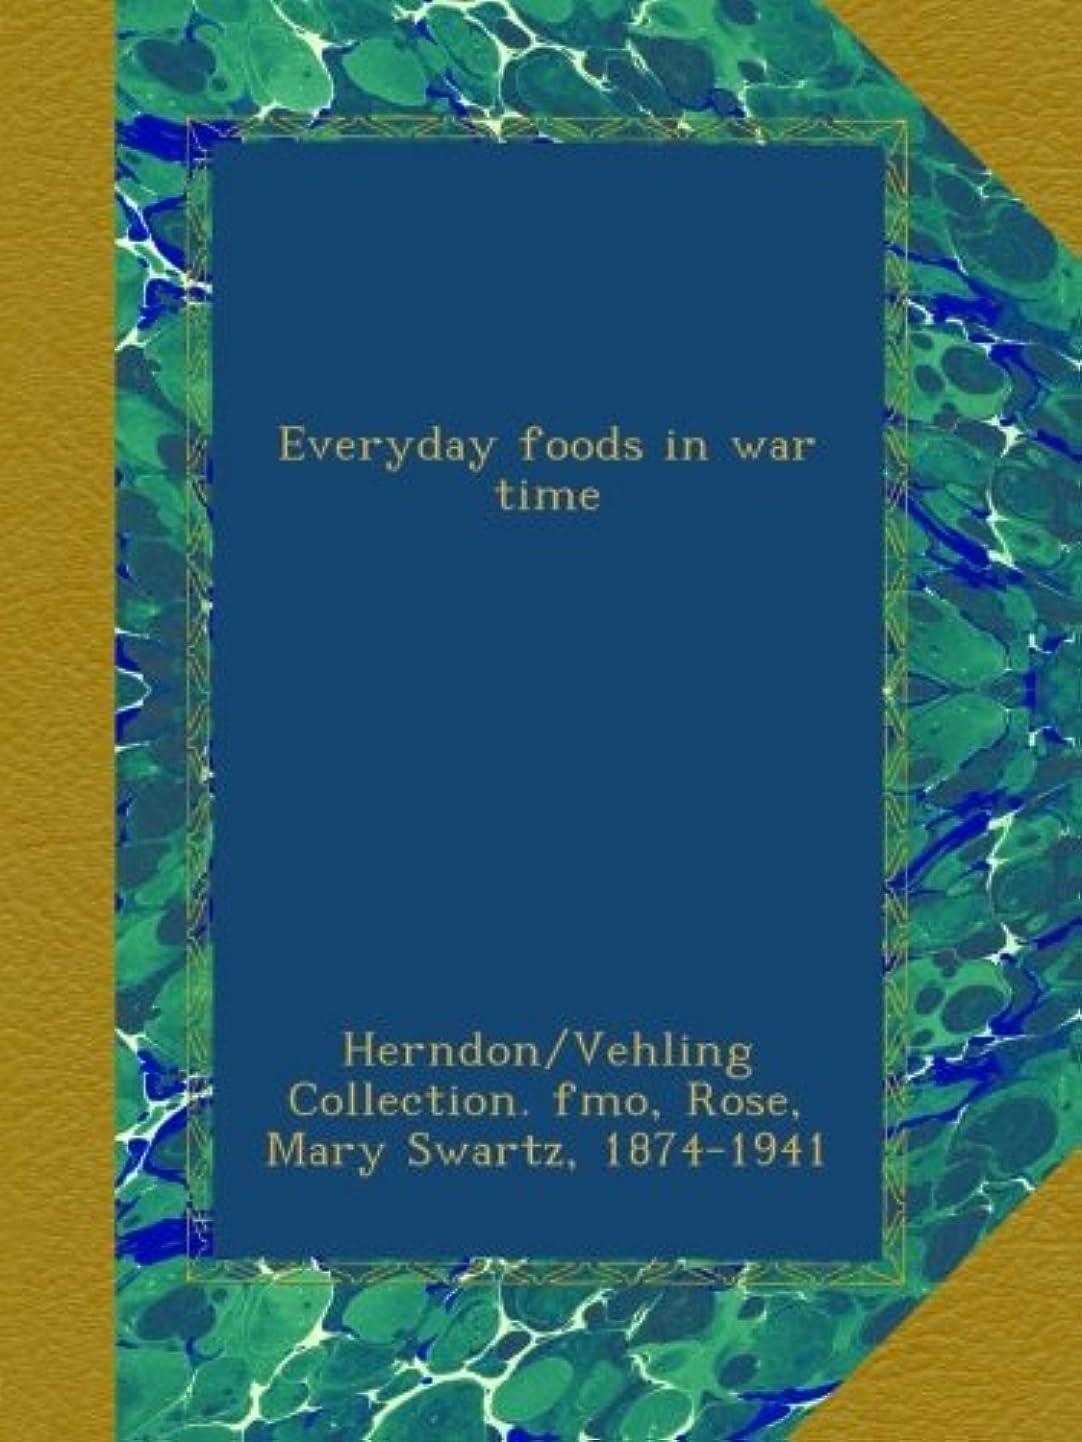 フラップそれにもかかわらず座標Everyday foods in war time